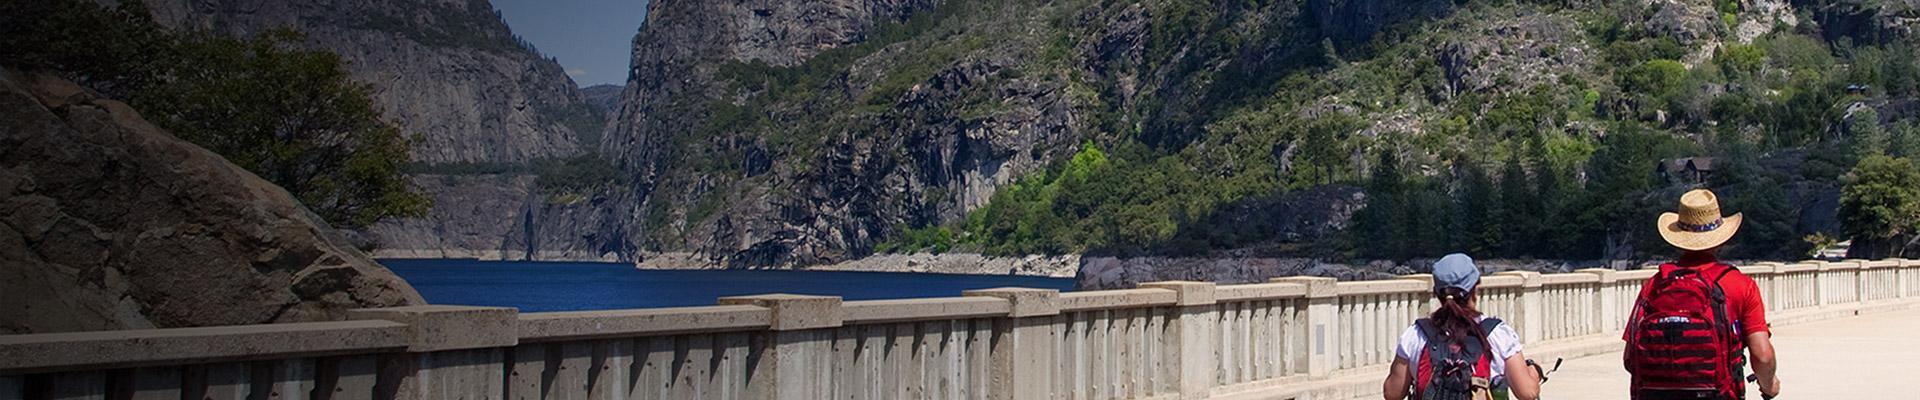 Mag-asawa na naglalakad sa Hetch Hetchy Dam at Reservoir